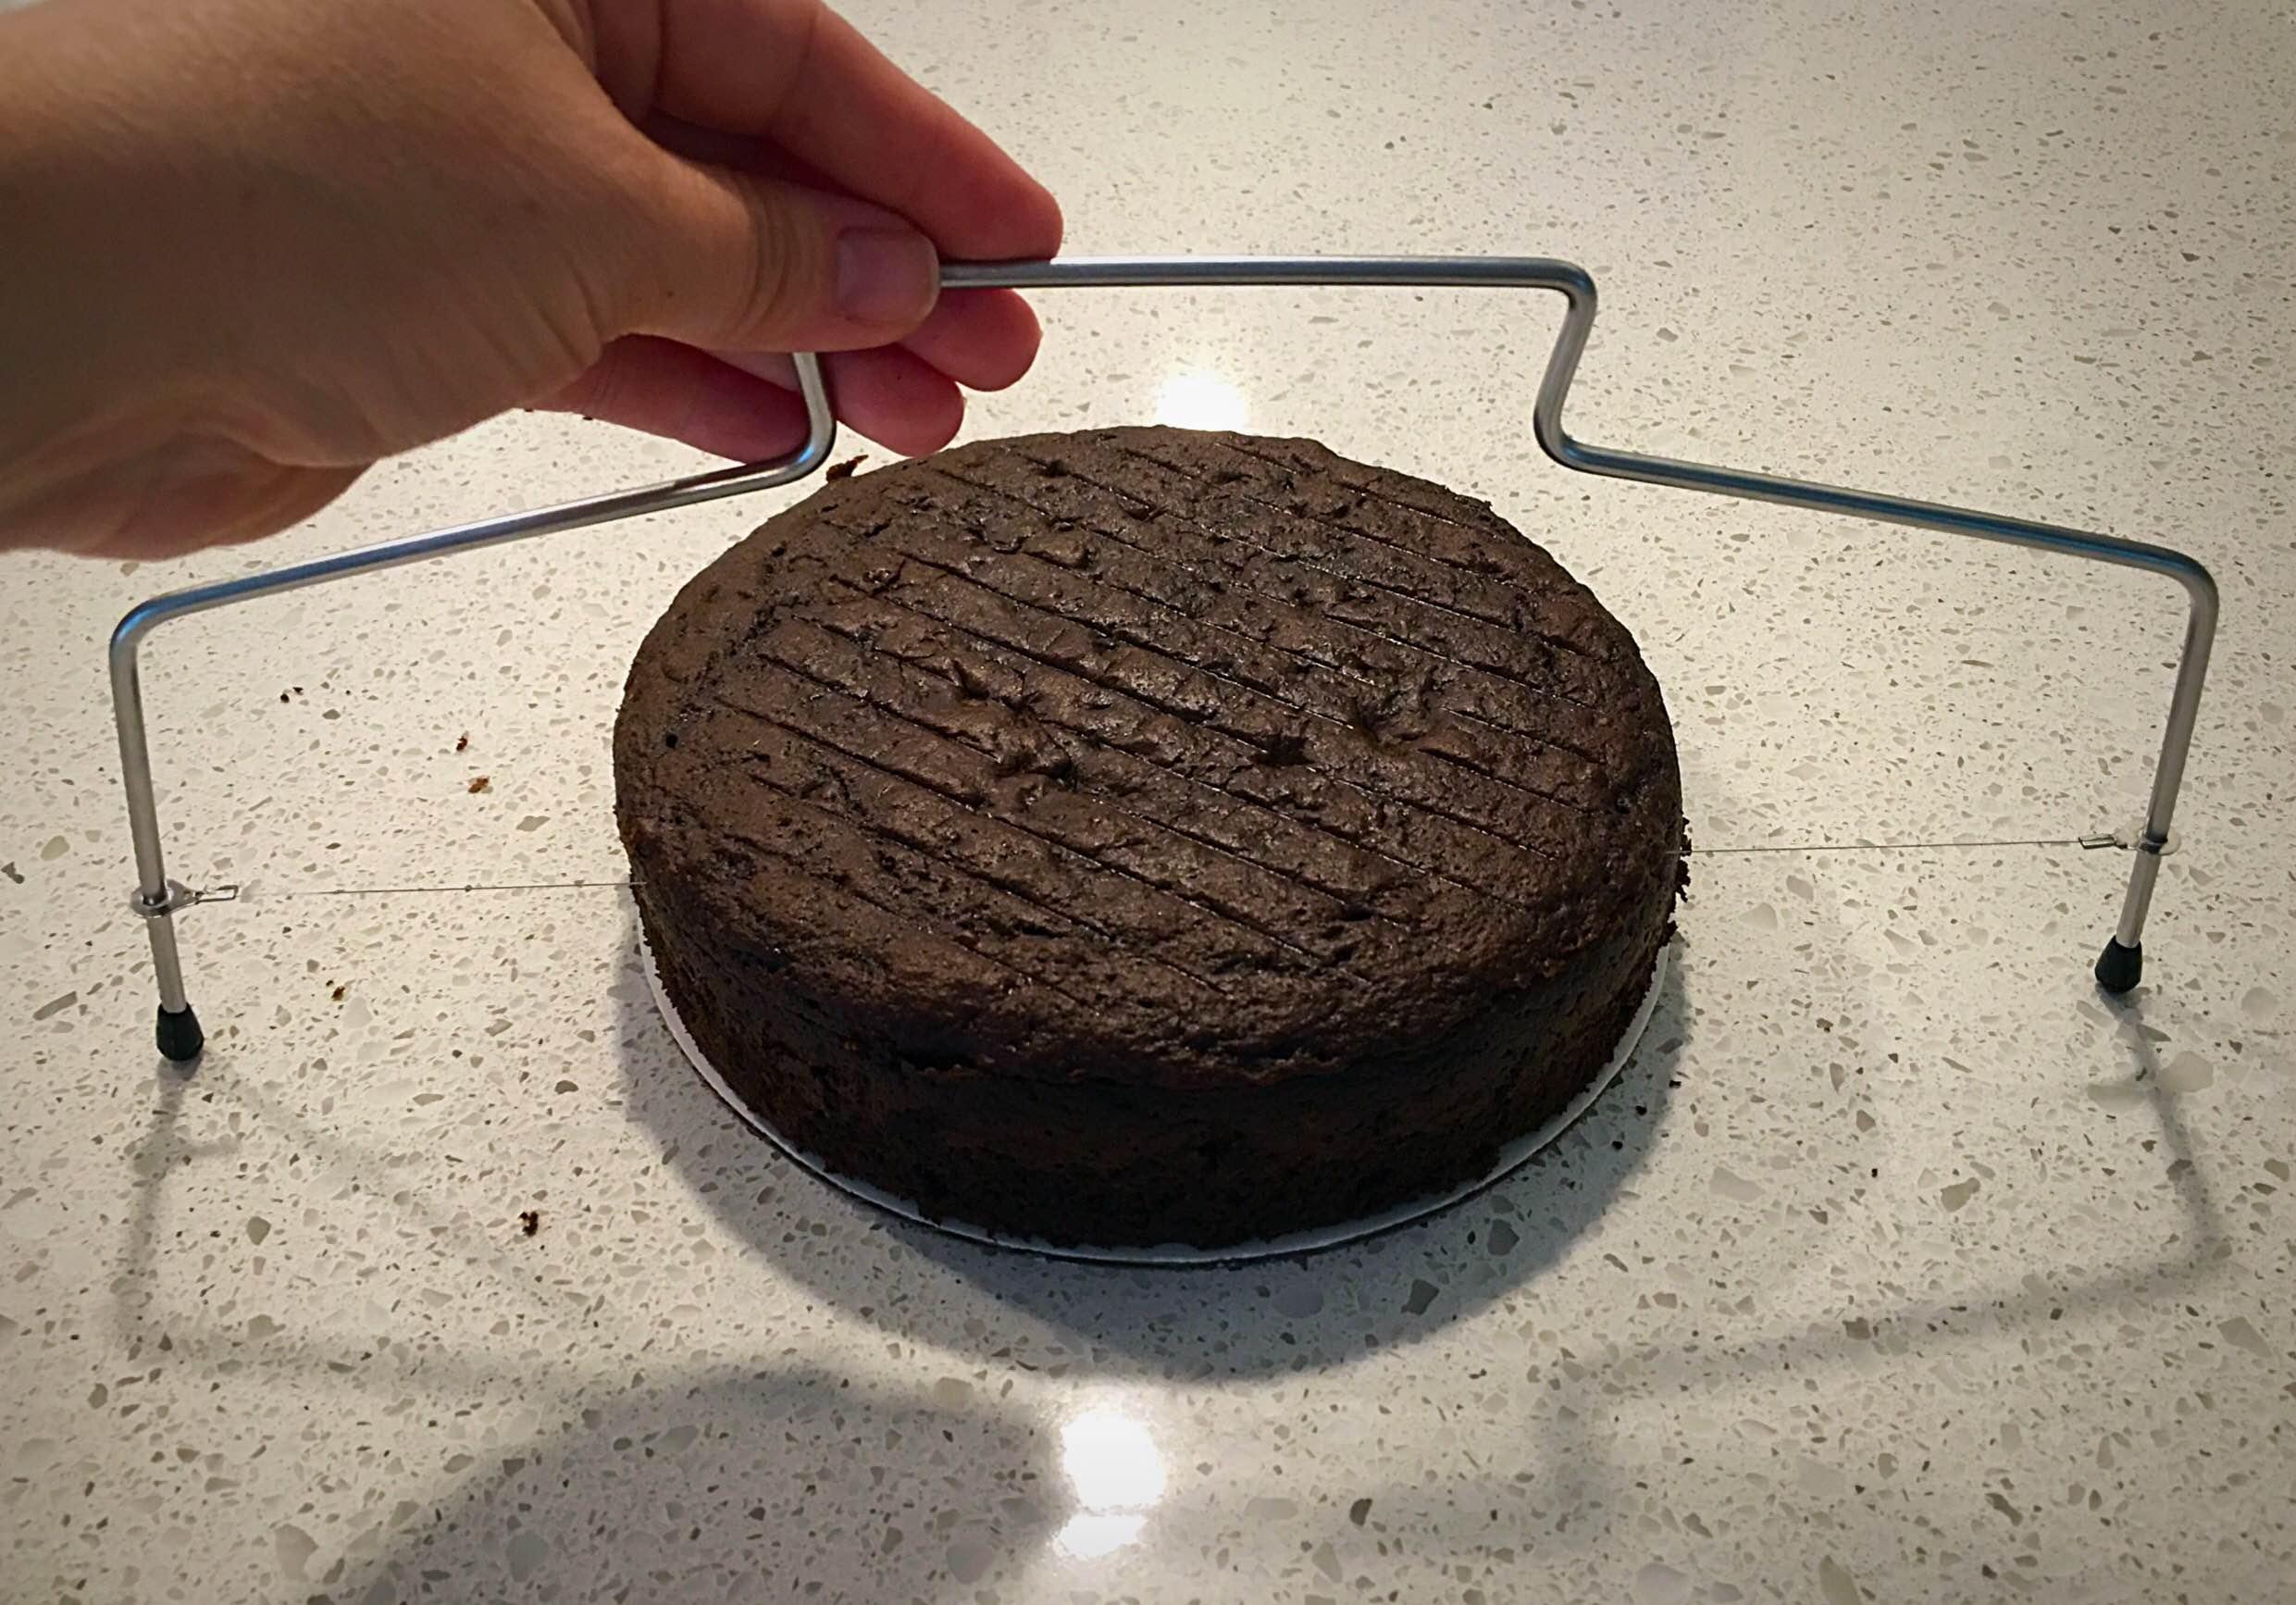 leveling cake